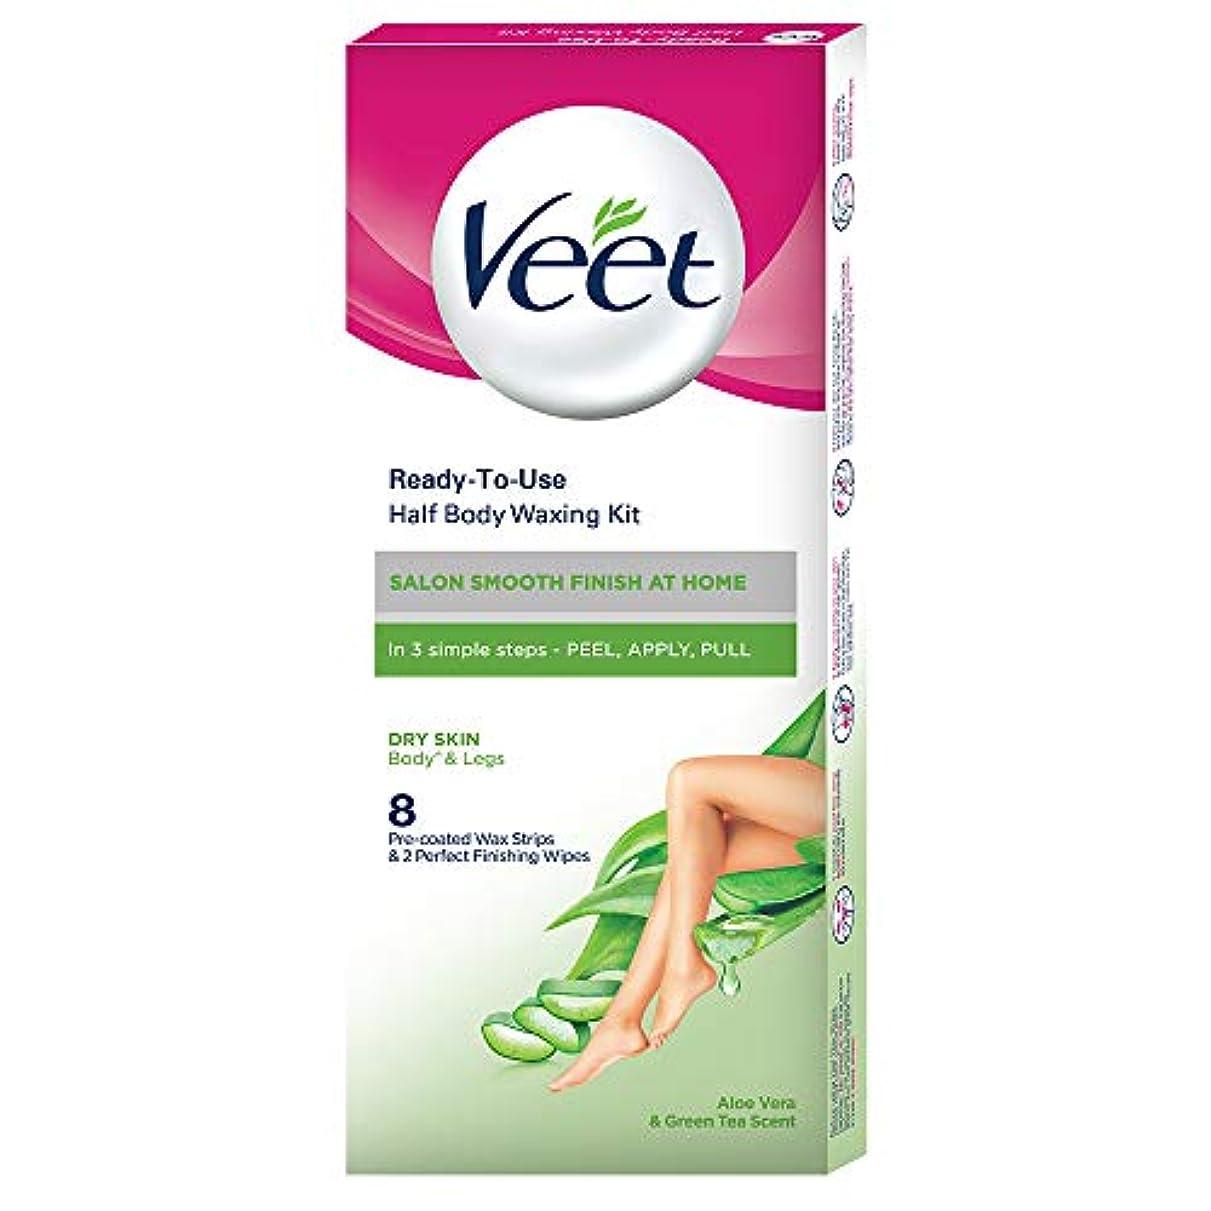 マウス適切に無礼にVeet Full Body Waxing Kit for Dry Skin, 20 Strips